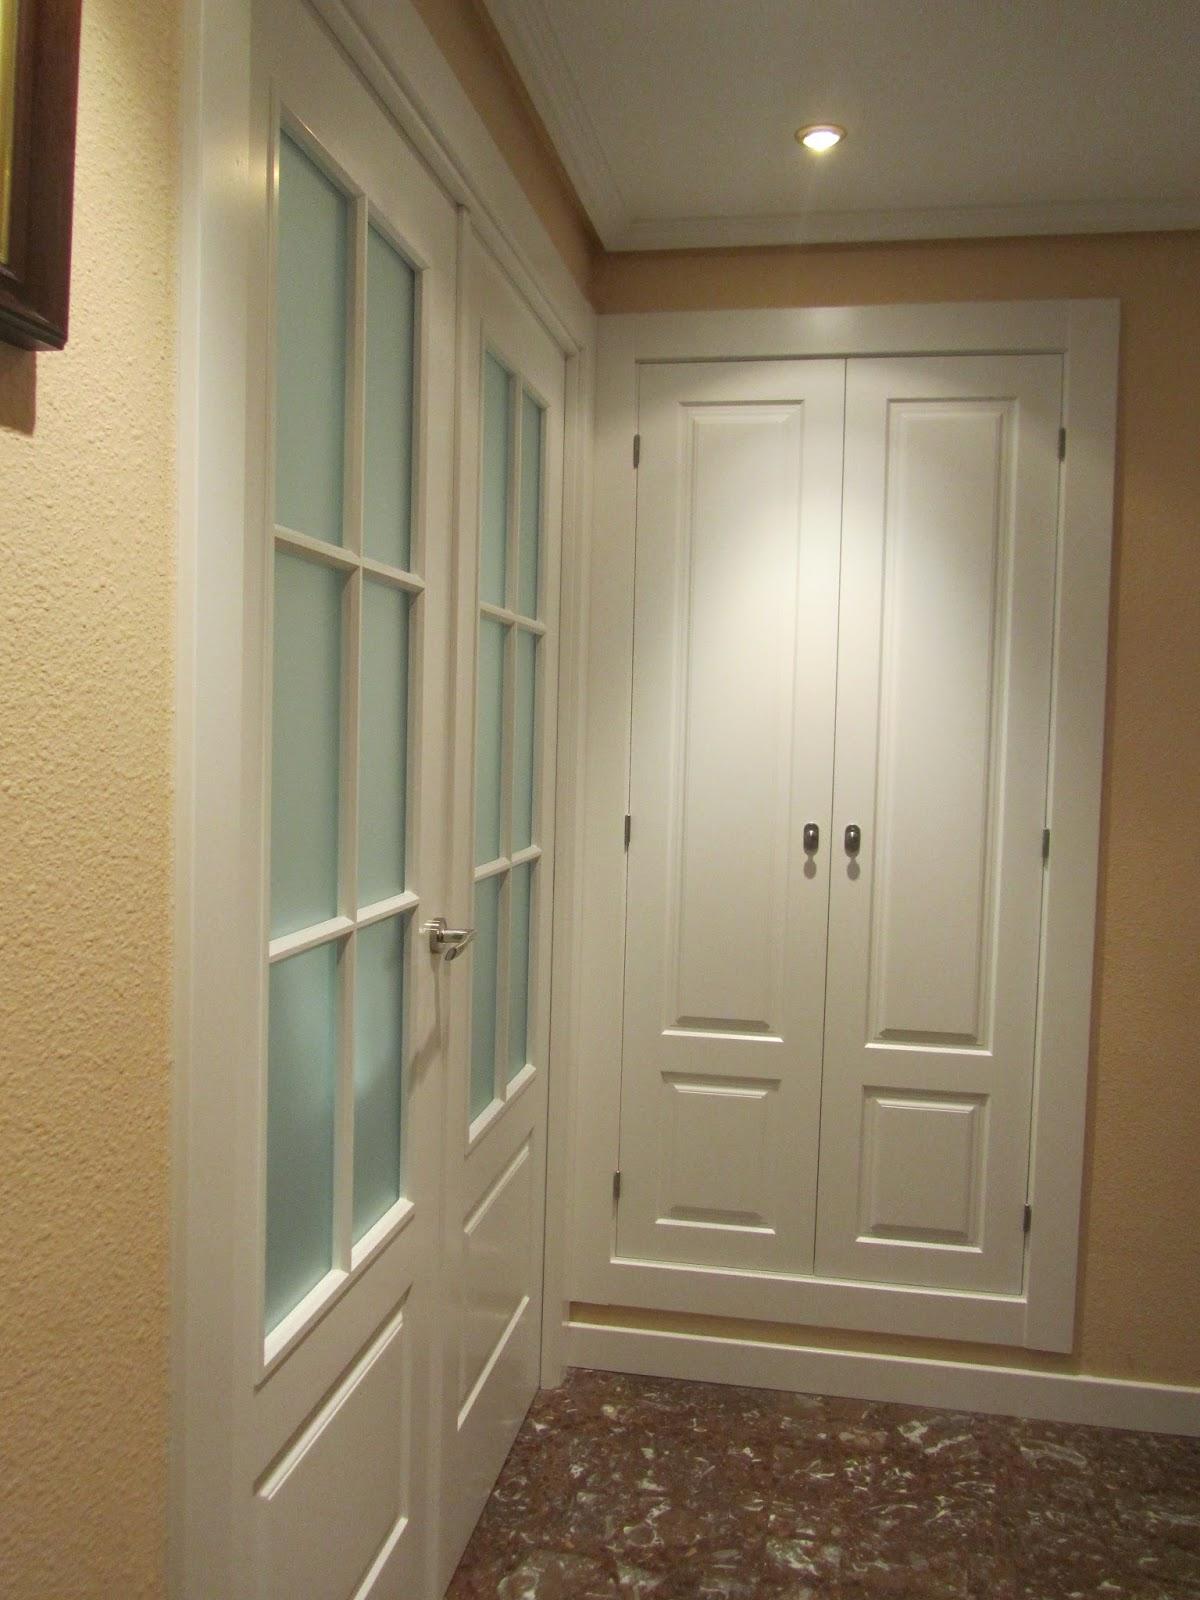 Puertas lozano reforma vivienda puertas lacadas blancas - Puertas lacadas blancas ...